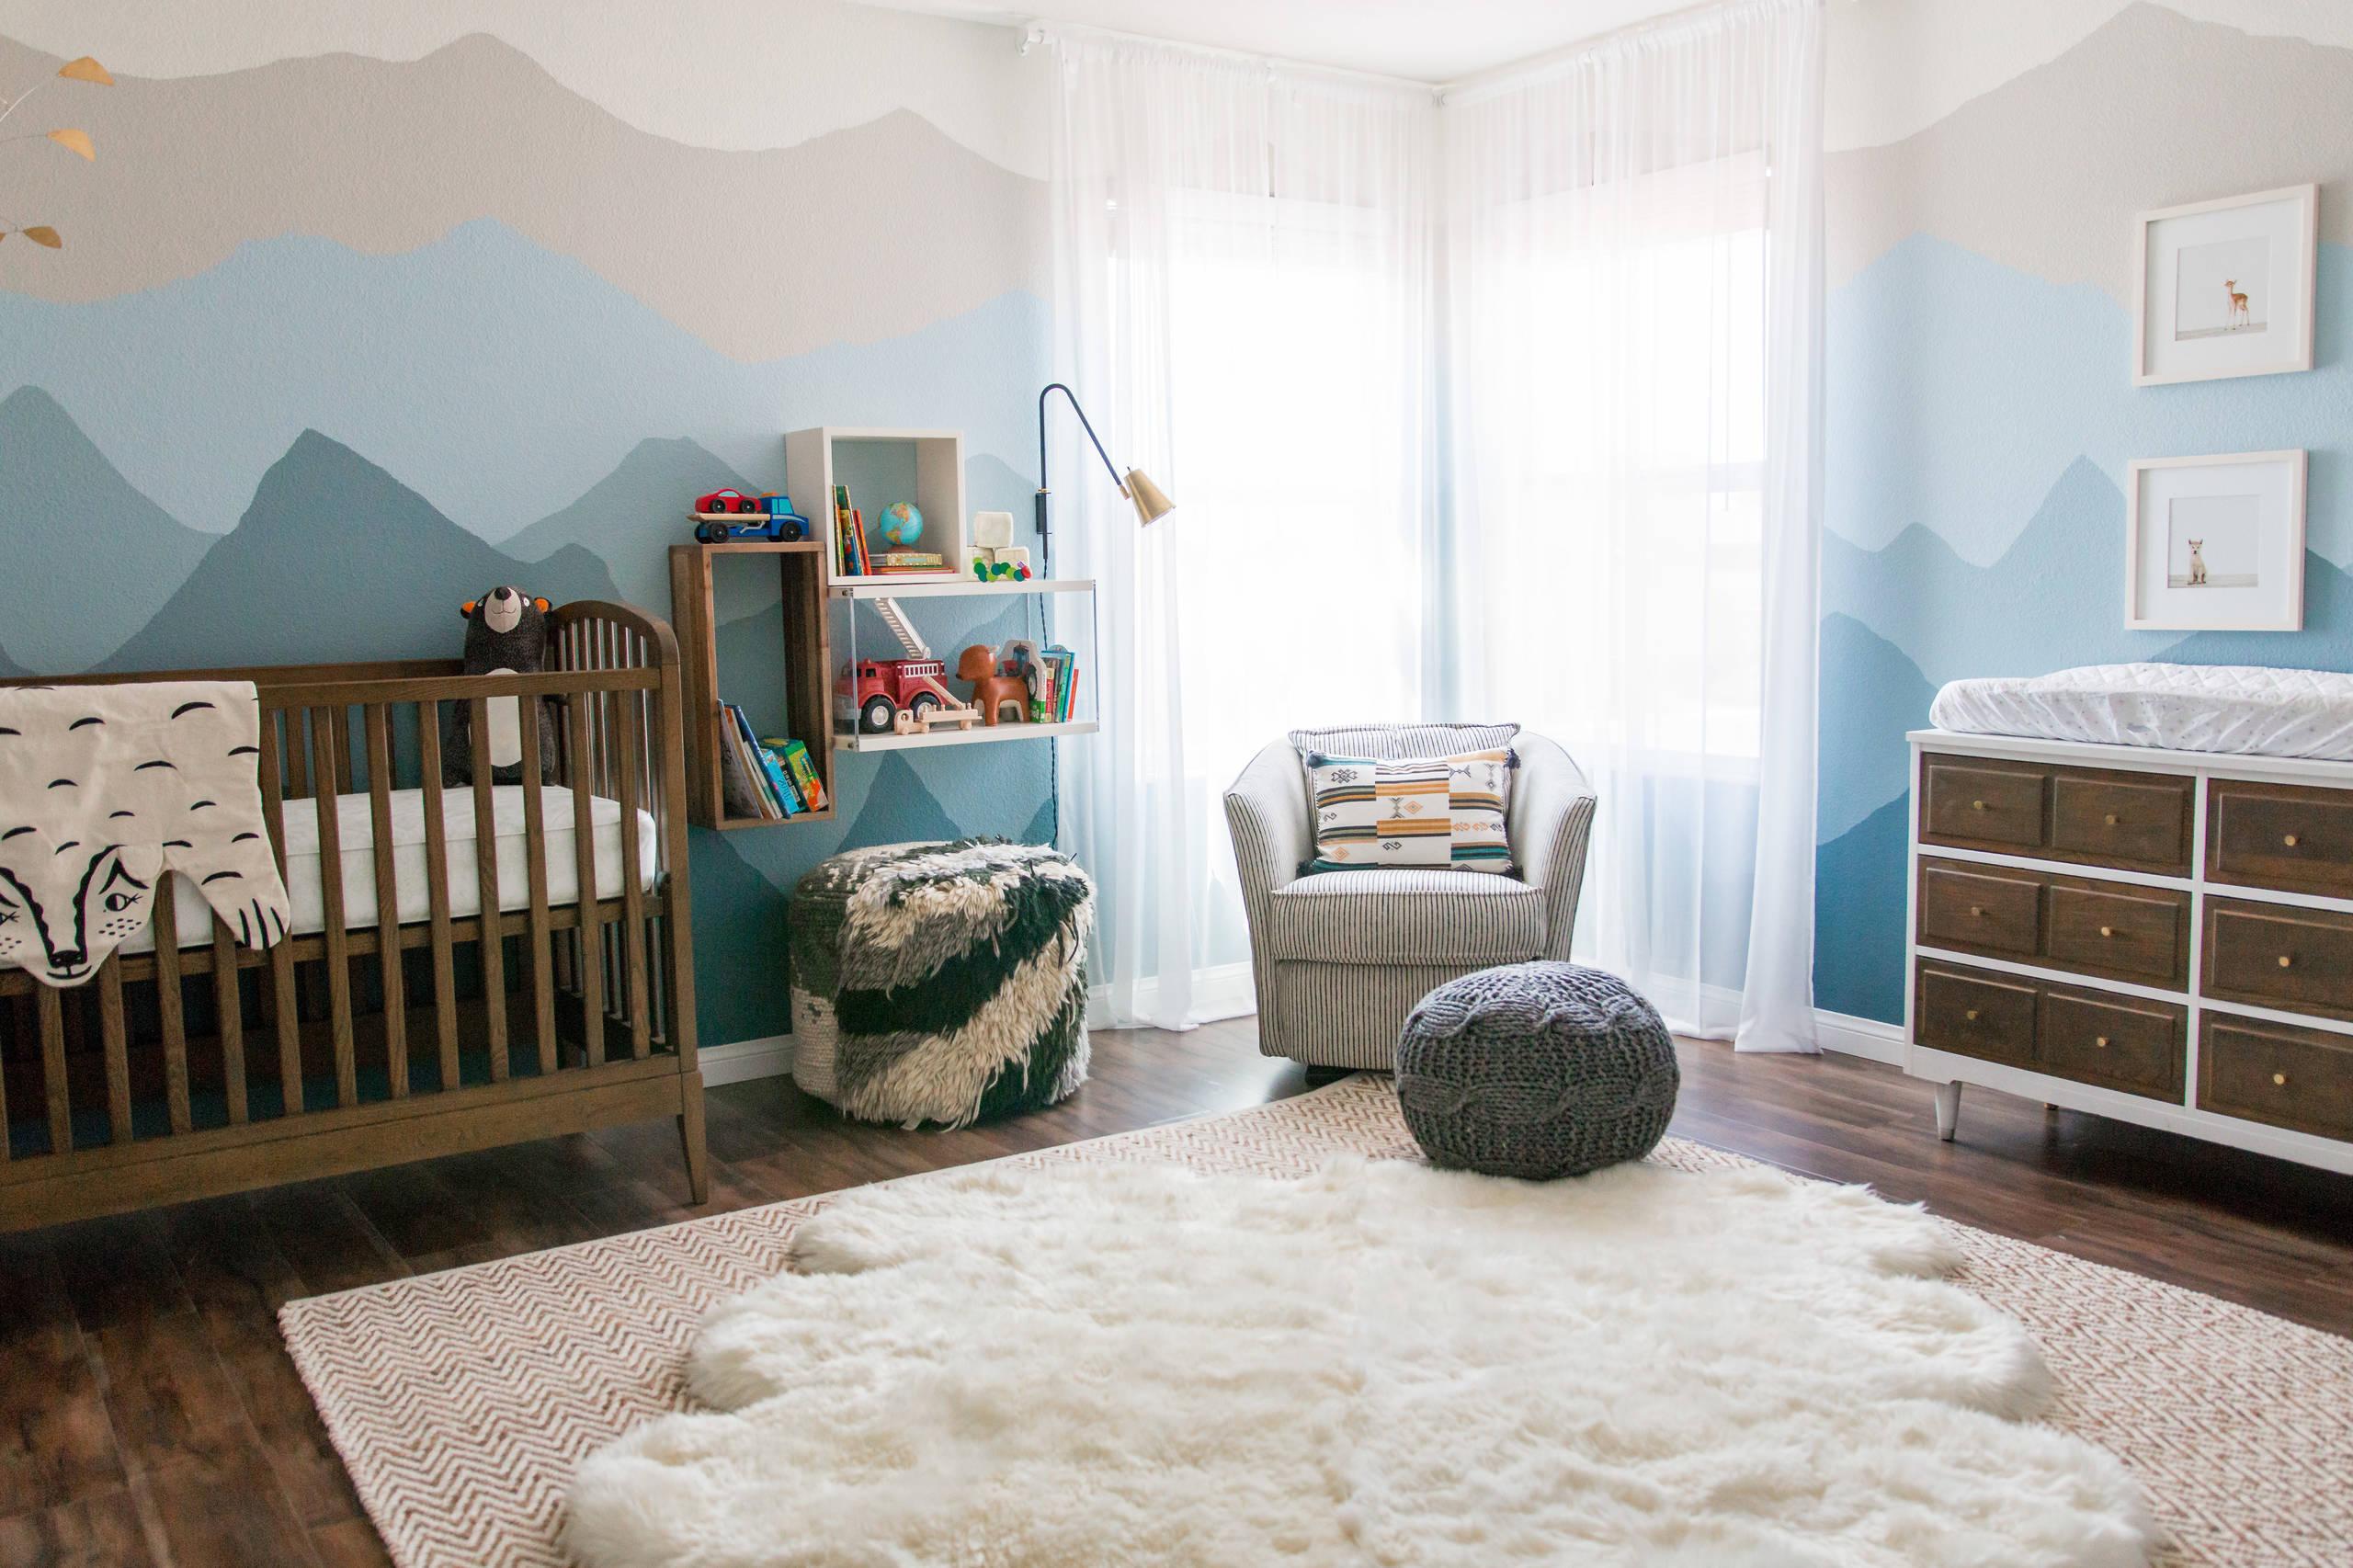 #8 Idee für WandgestaltungSchlafzimmer: Bezwingejede Berge